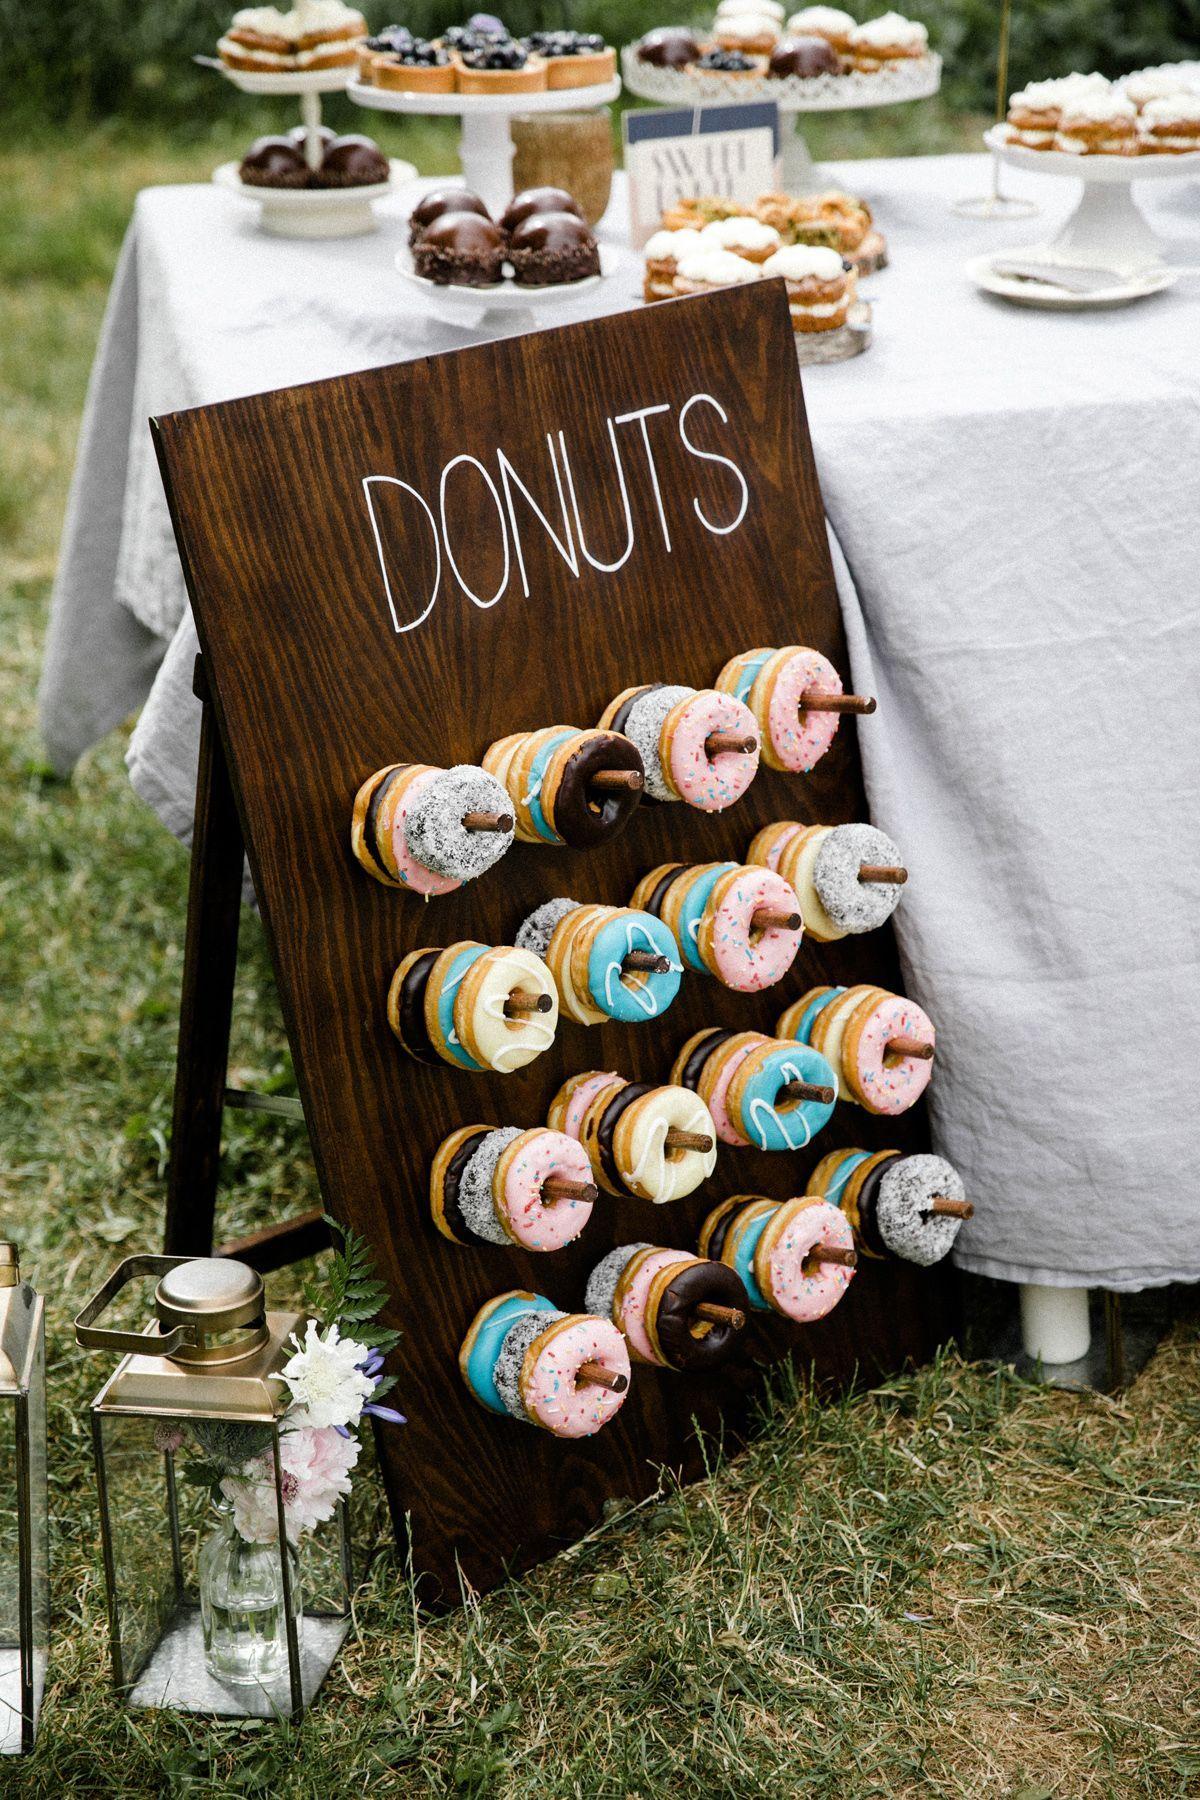 Donut Wall auf der Hochzeit #donutwall #hochzeit #rustikal #schlicht #donut